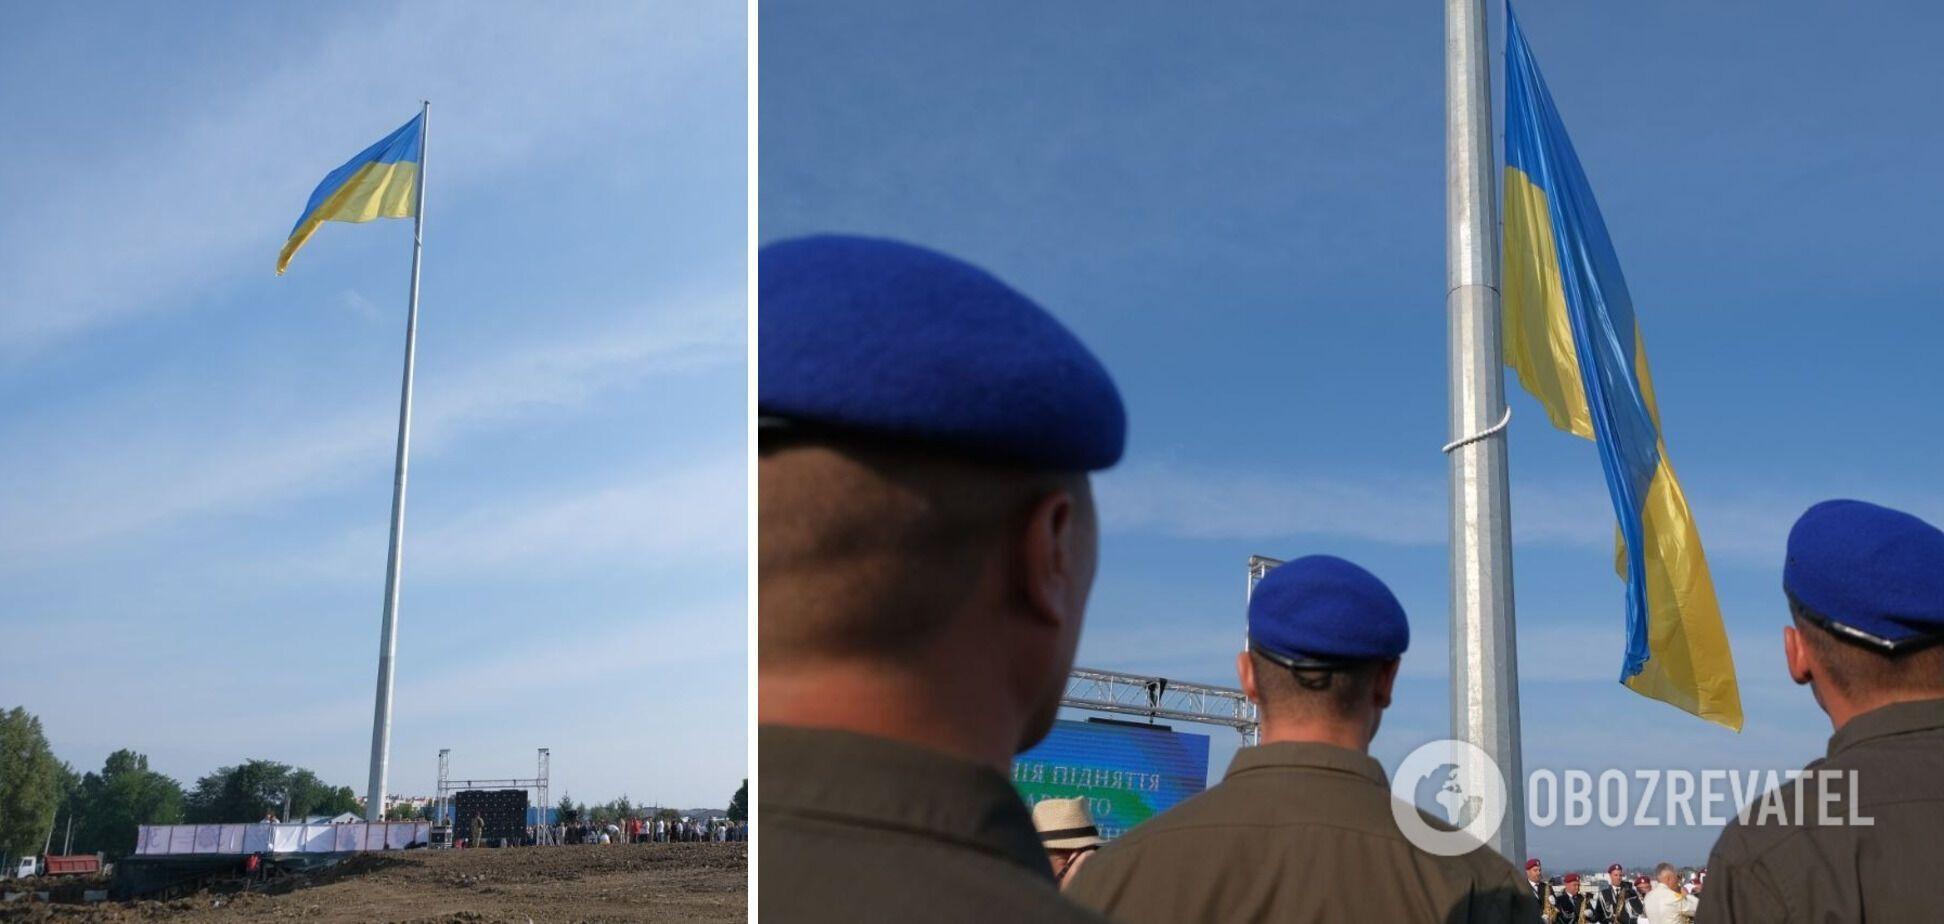 У Чернівцях державний прапор піднято на найвищому в області 50-метровому флагштоку